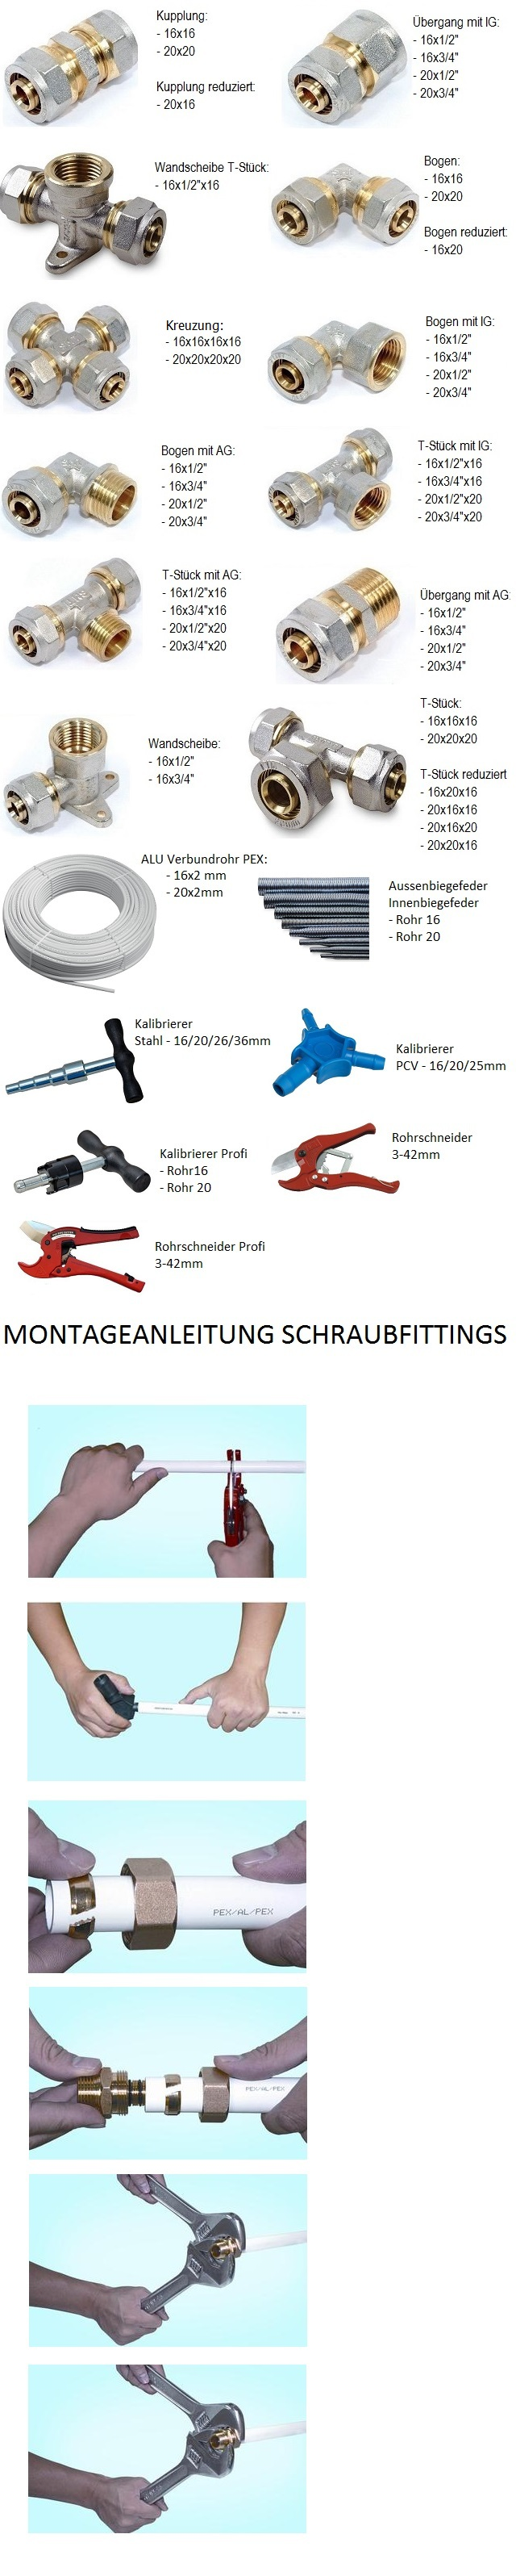 Klemmring T-Stück AG Verbundrohr Klemmringverschraubung PEX Aluverbundrohr 16-32